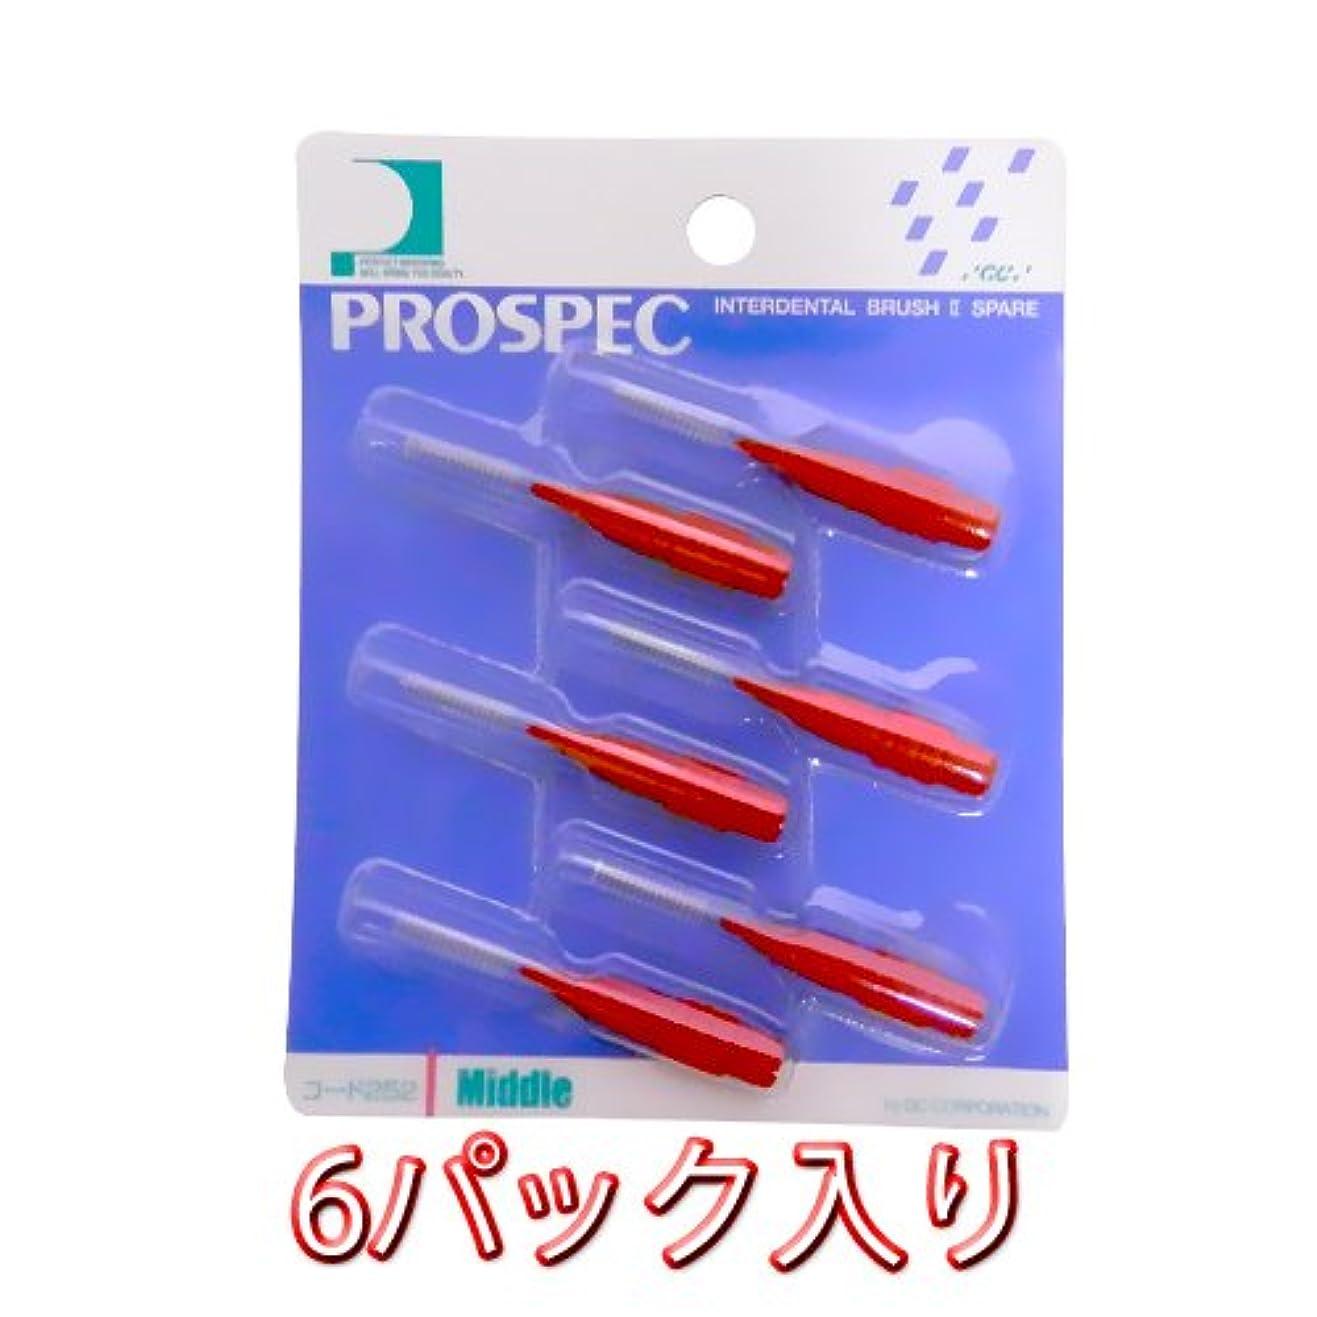 アンプステレオ趣味プロスペック 歯間ブラシ2 スペアー ブラシのみ6本入 × 6パック M レッド